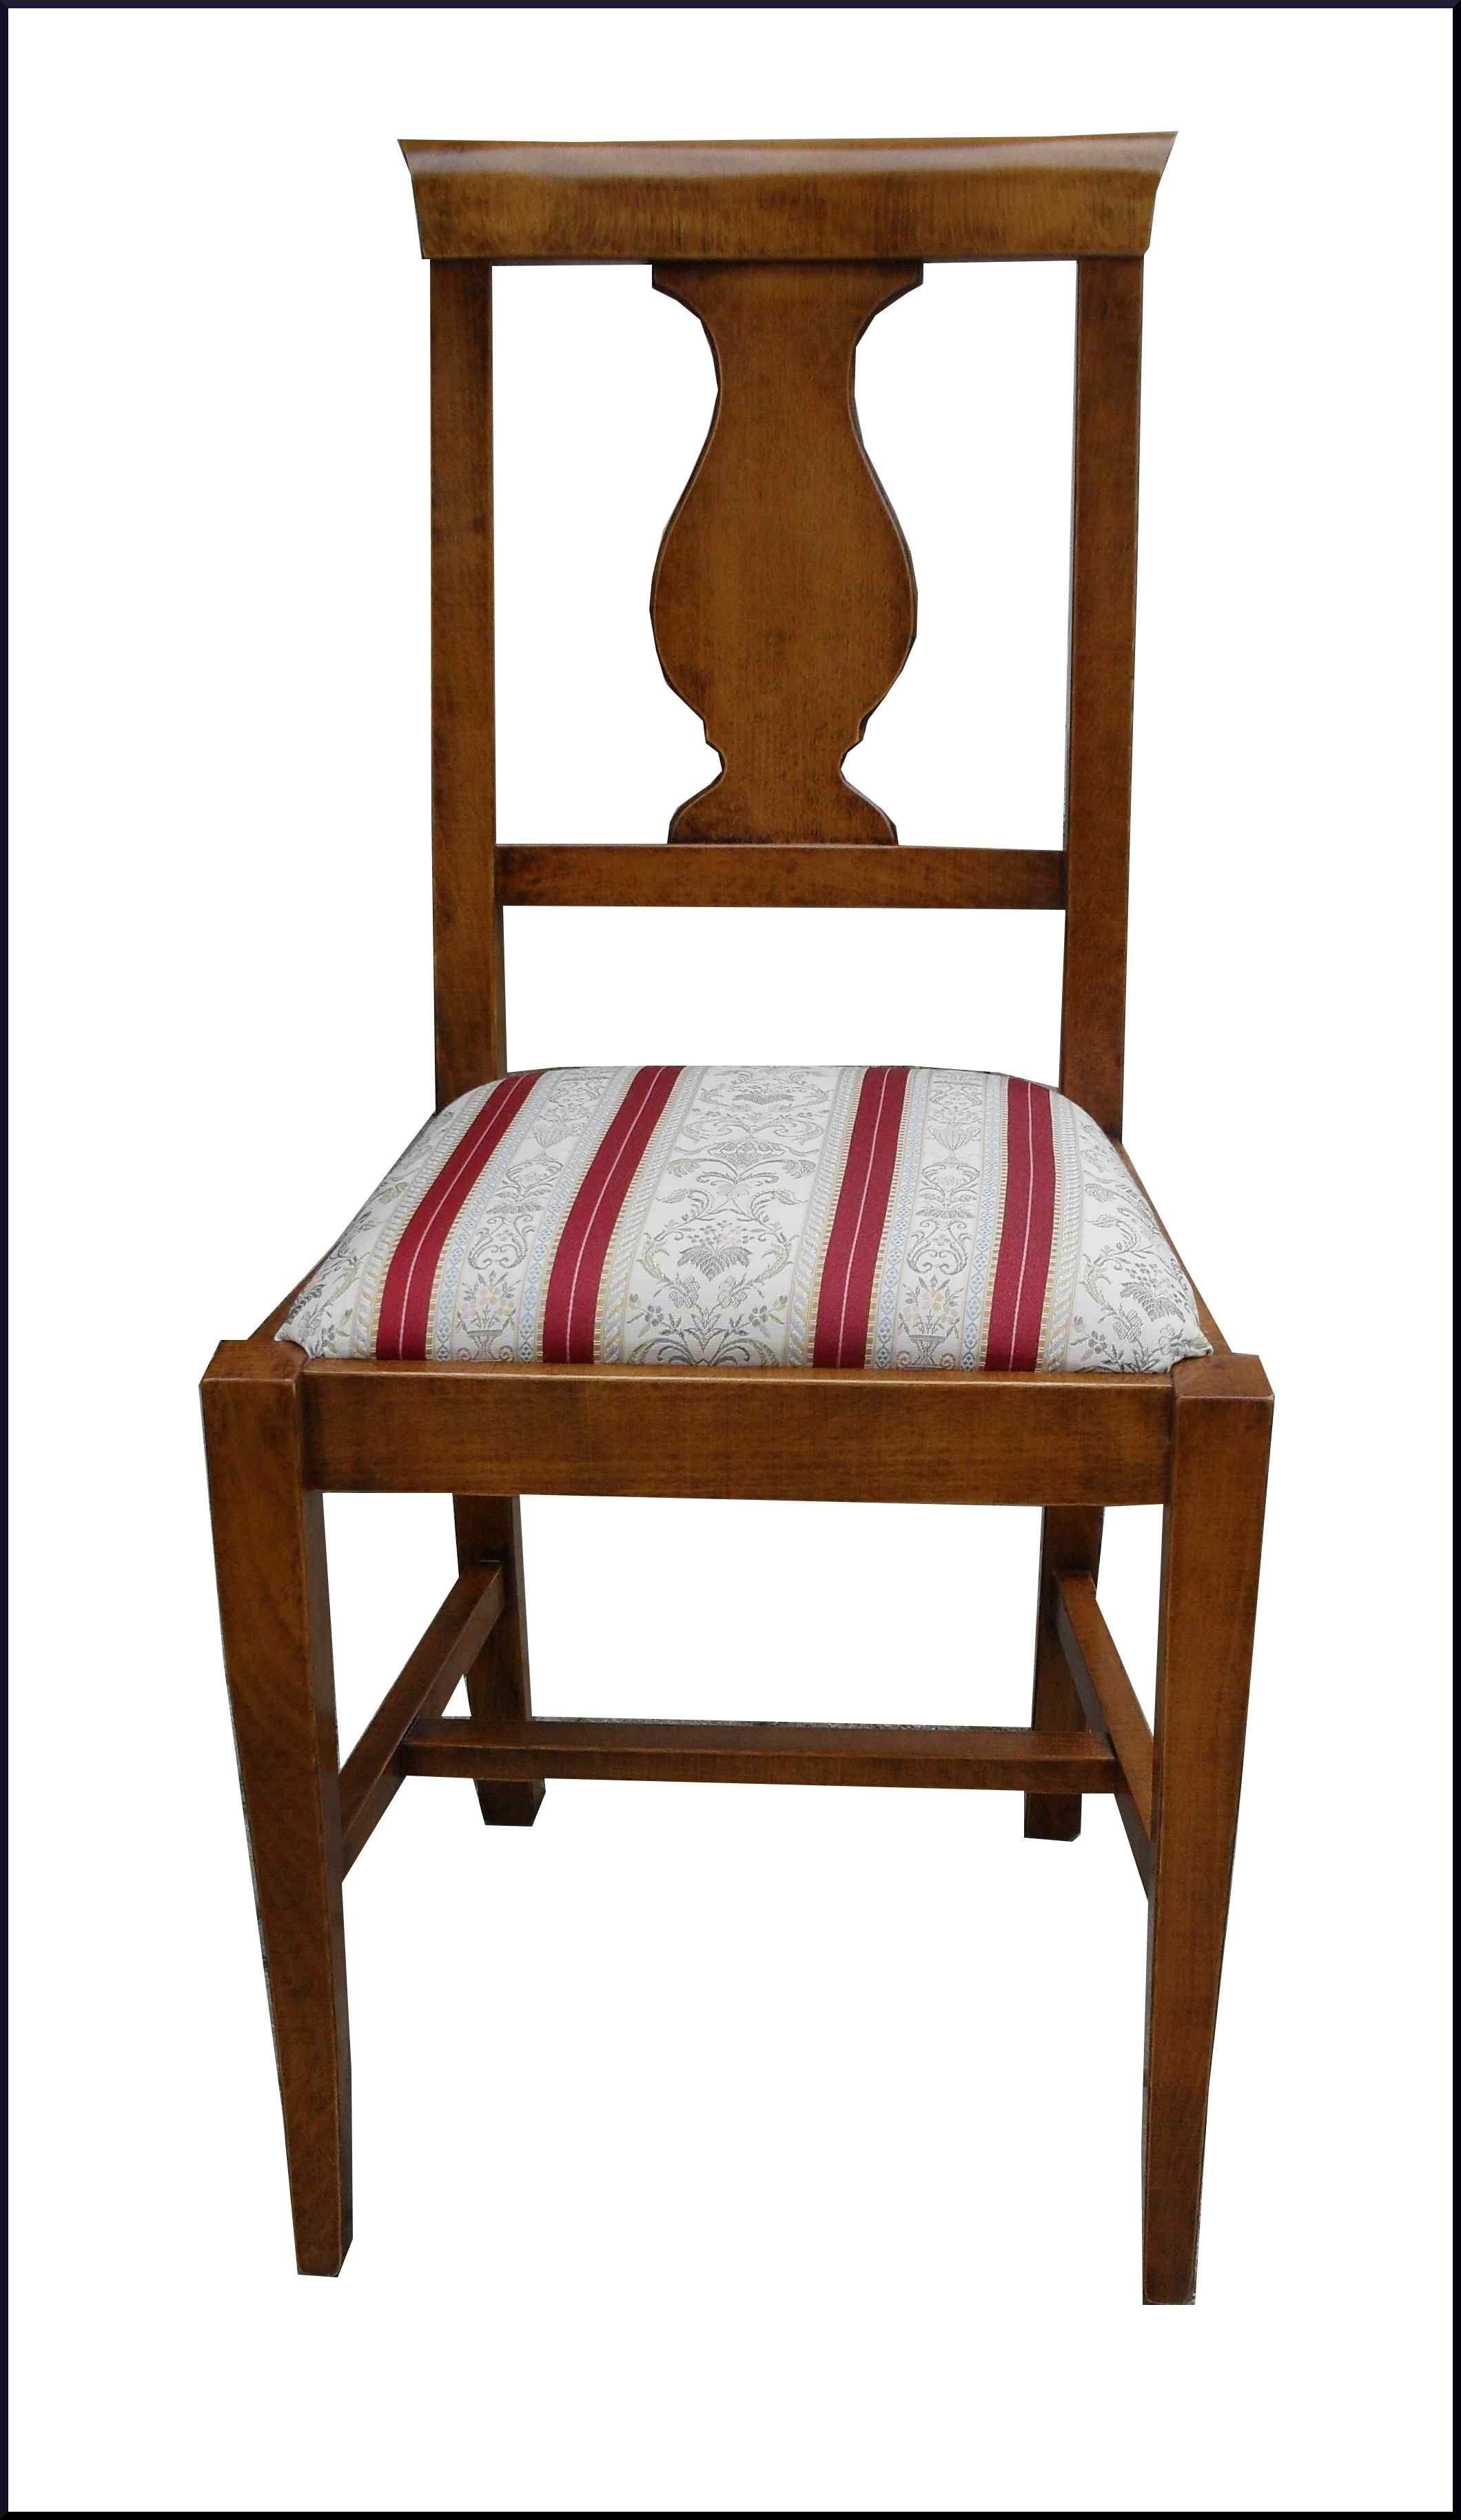 Sedia classica con pannello a cuore | Mobili, Sedie, Tavoli